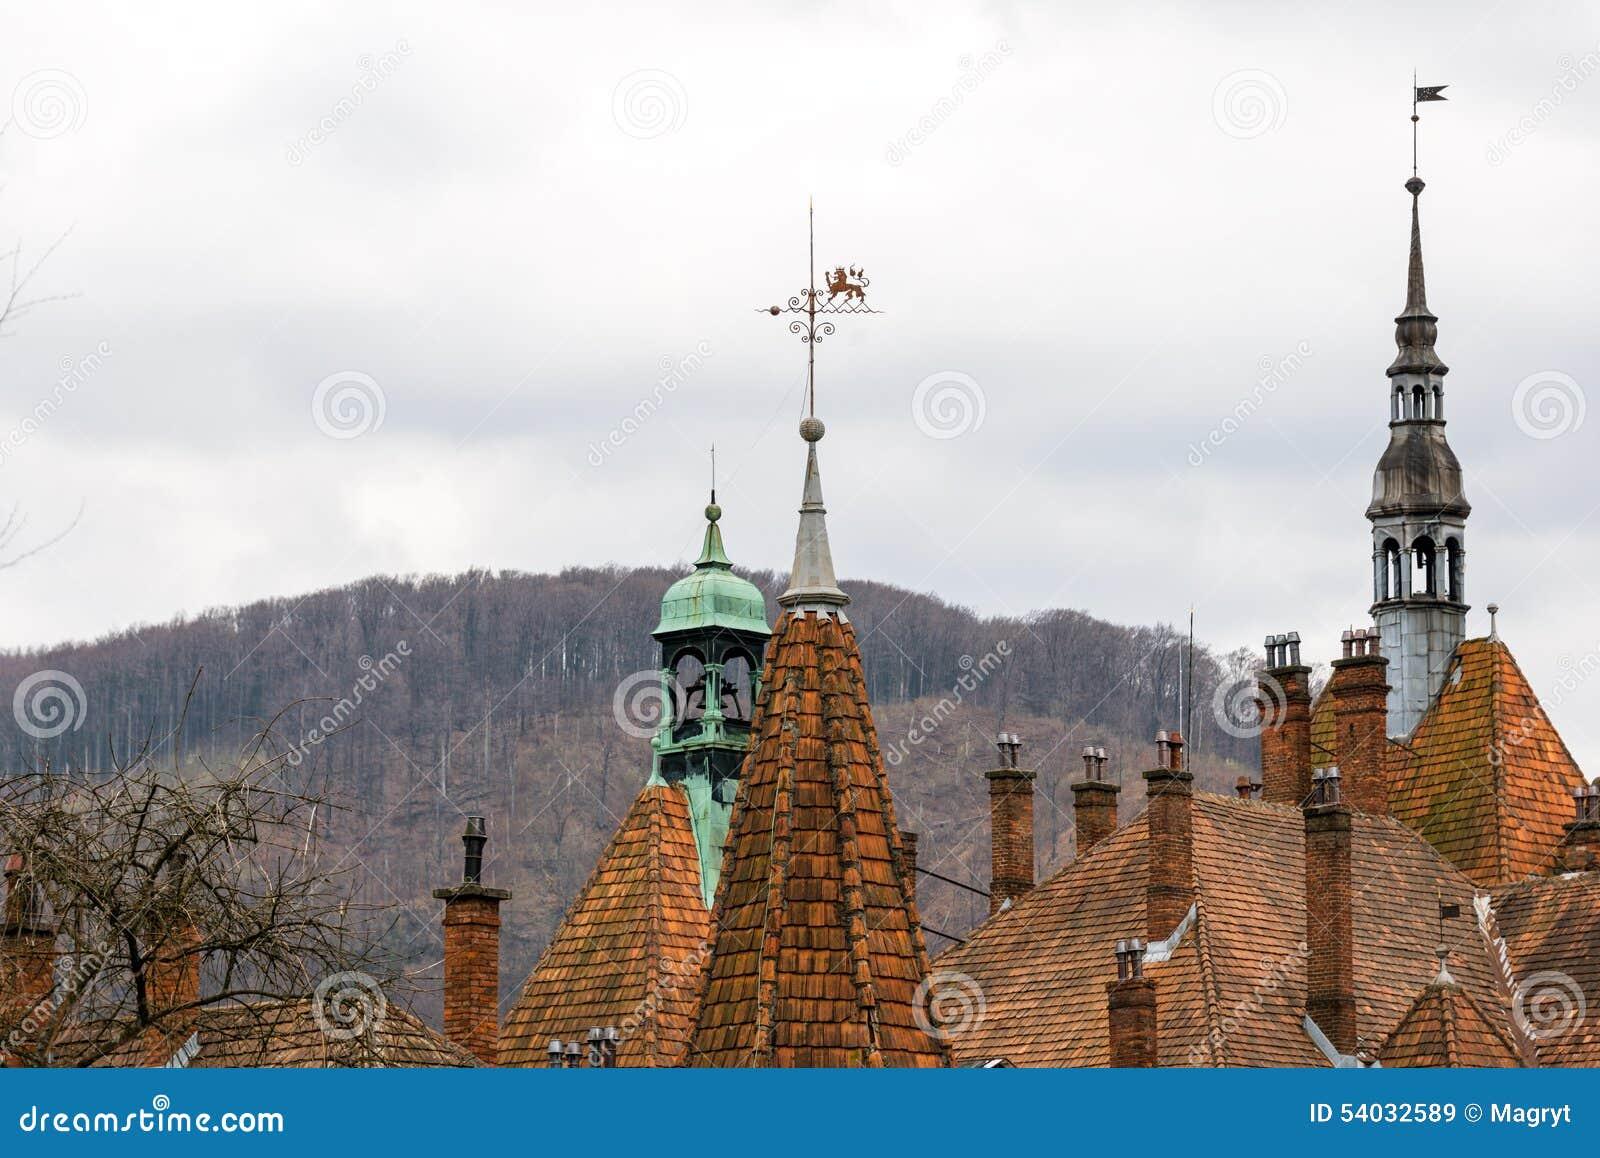 Toits pointus de château de Shenborn, Ukraine